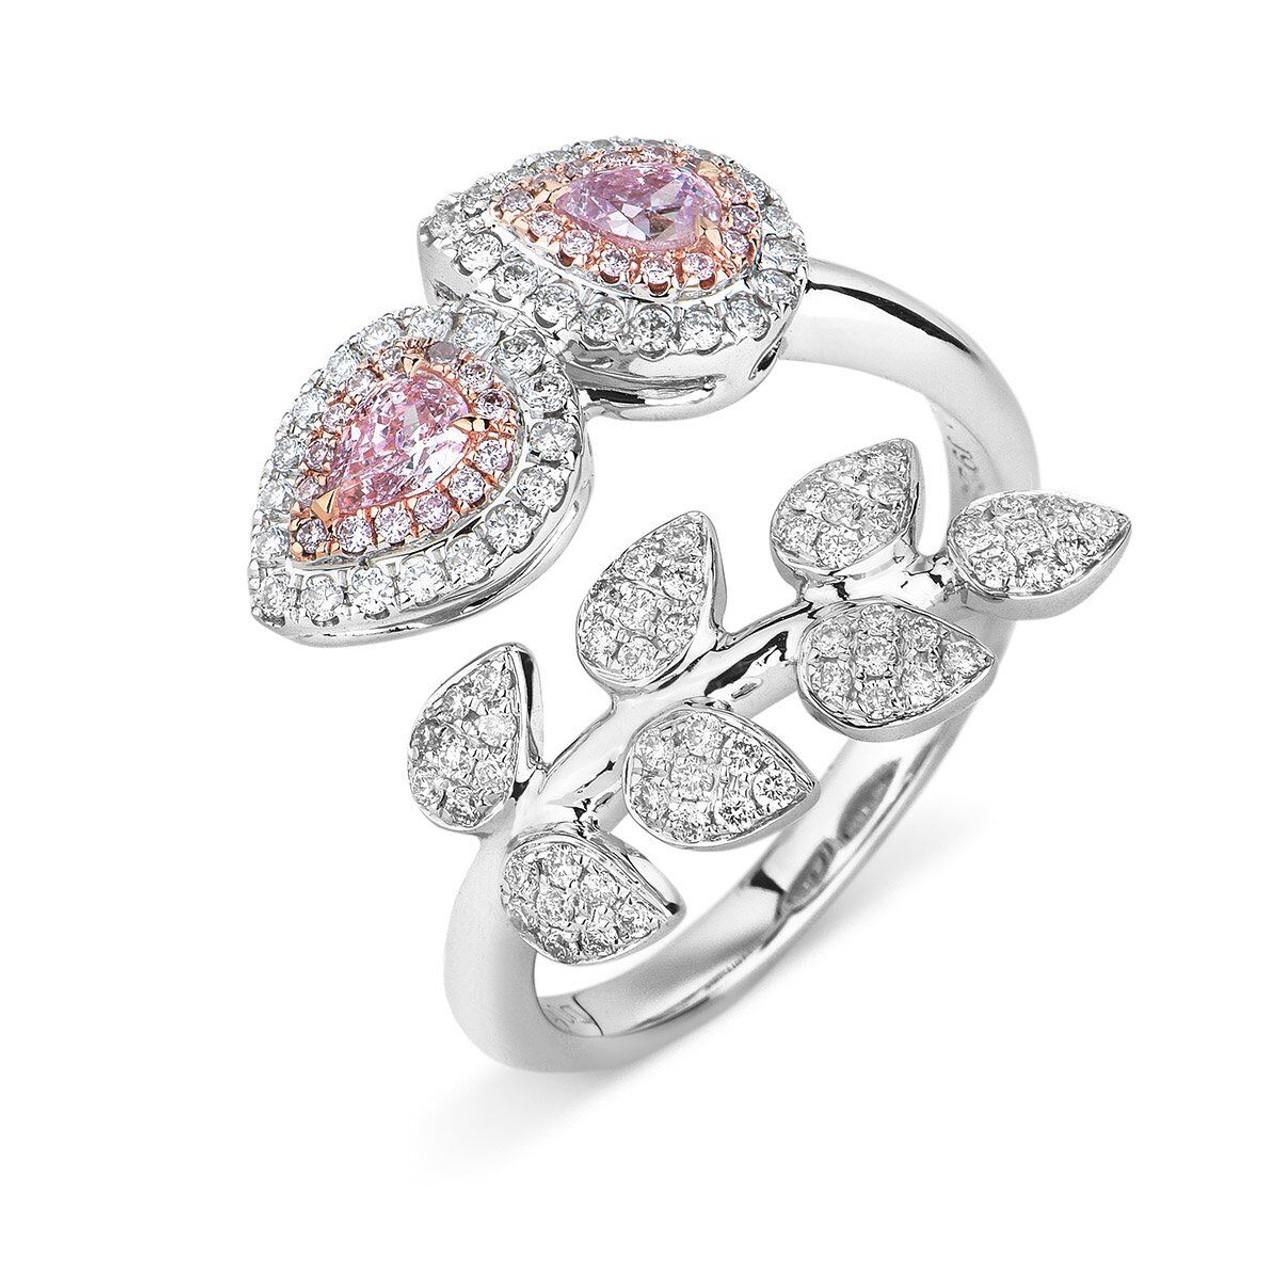 Inspiring Rose G Pear Pink Diamond Vine Ring Pink Engagement Rings Uk Pink Engagement Rings H Samuel Rose G Pear Pink Diamond Vine Ring wedding rings Pink Engagement Rings